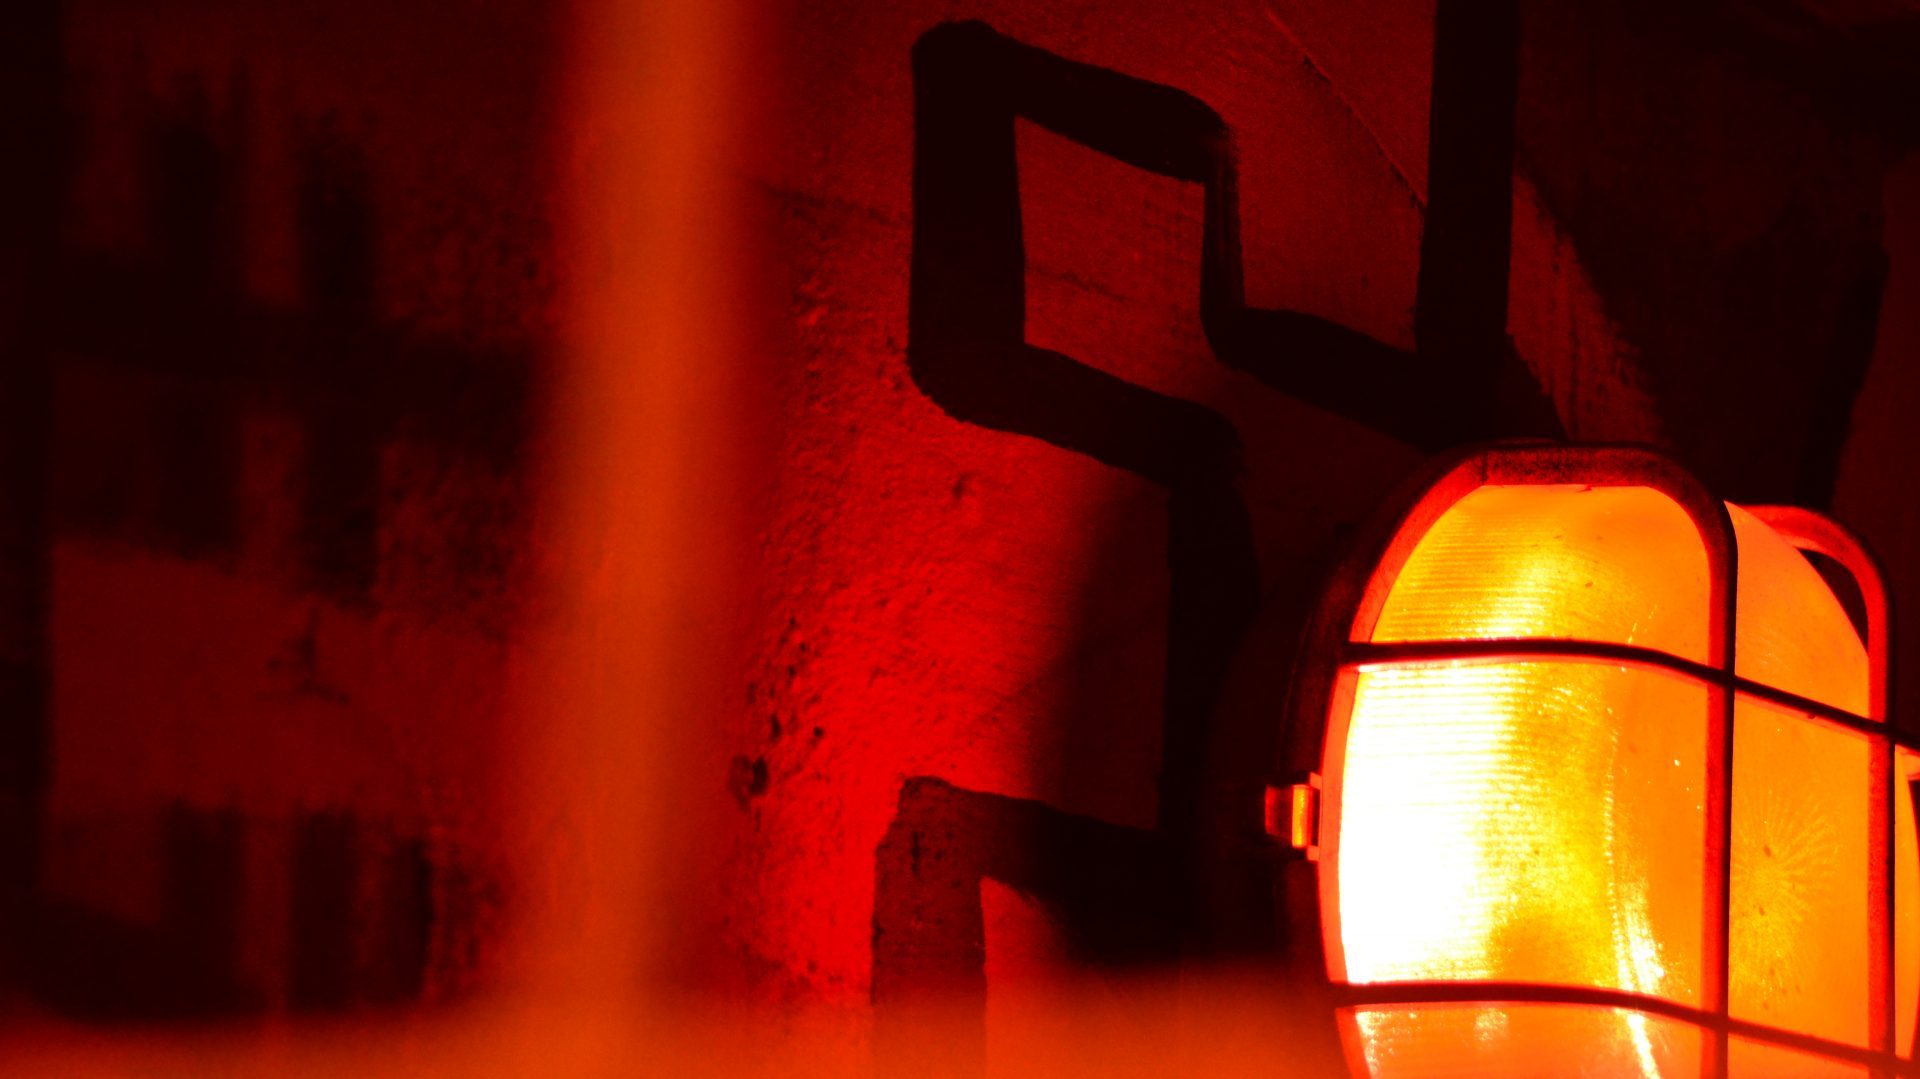 Pumuckls Schatzsuche Kinder Escape Game Escape Room Rosenheim